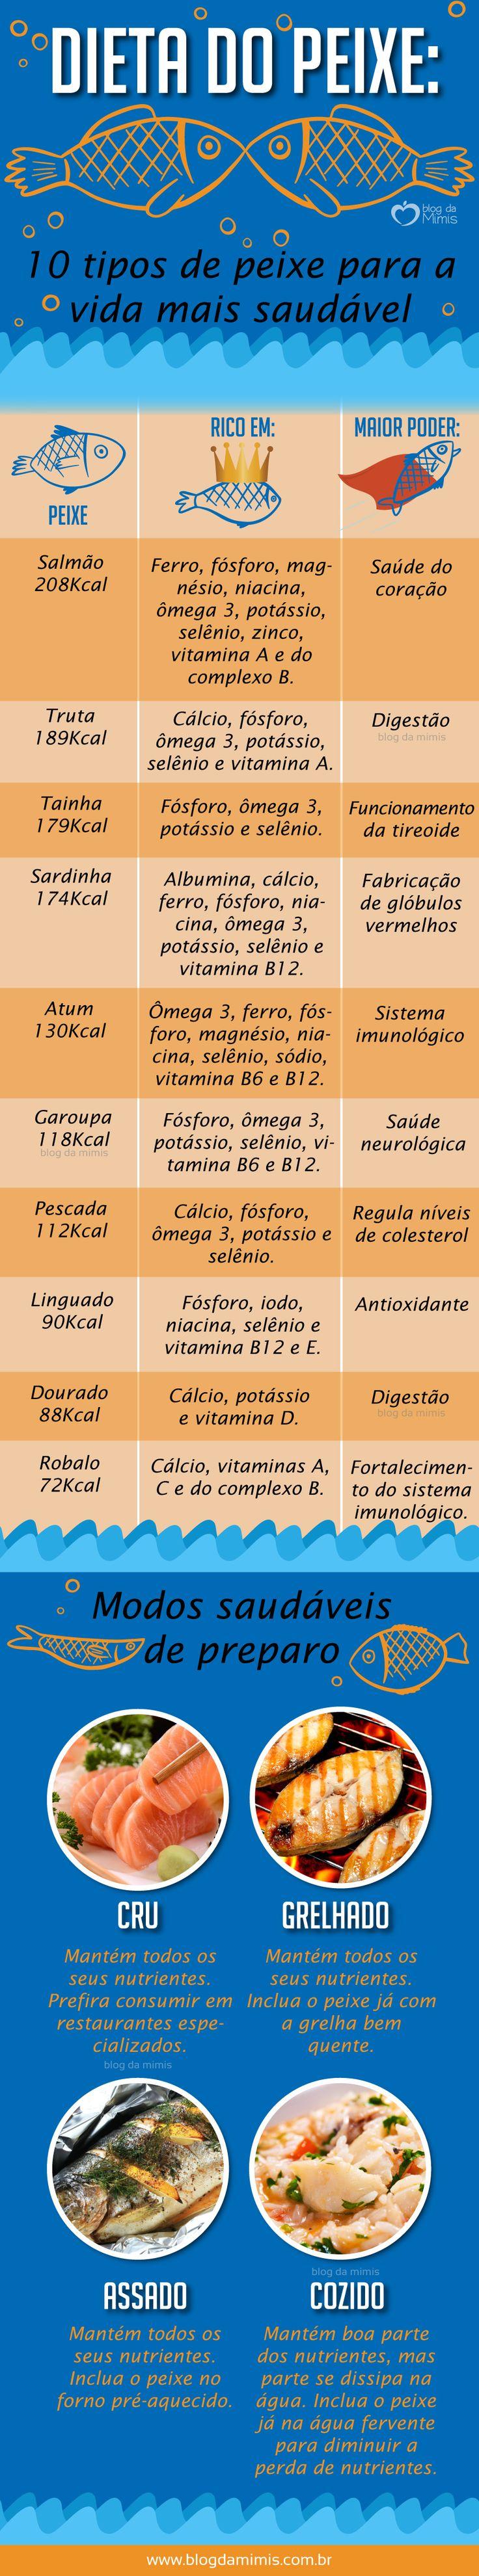 Dieta do peixe: 7 tipos de peixe para a vida mais saudável - Blog da Mimis #peixe #dieta #saudável #receita #nutrientes #infográfico #blogdamimis